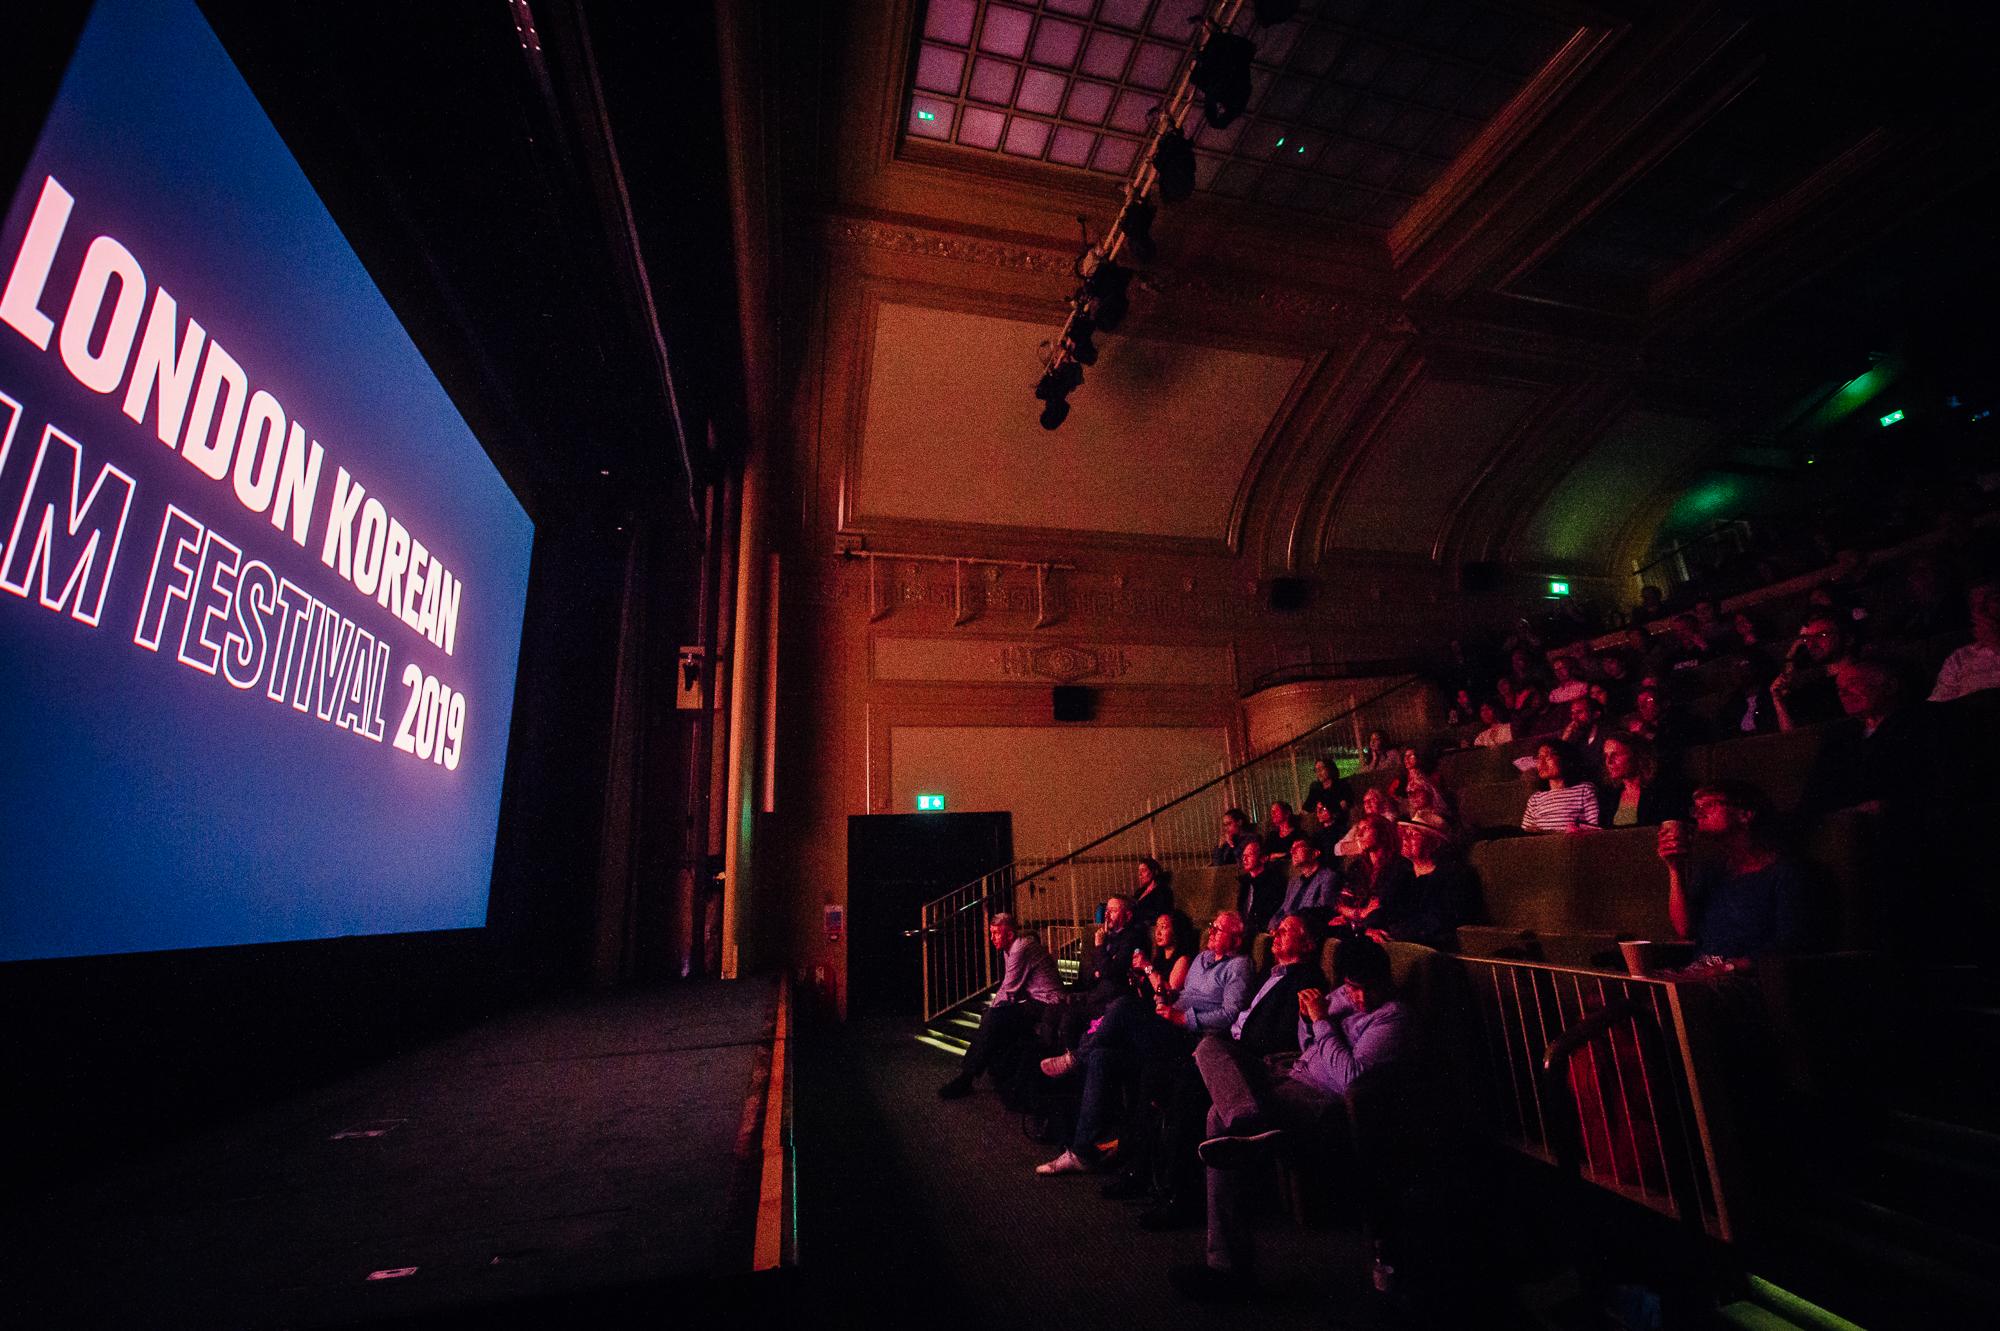 제14회 런던한국영화제 프로그램 론칭 (9월 16일) - 2.jpg